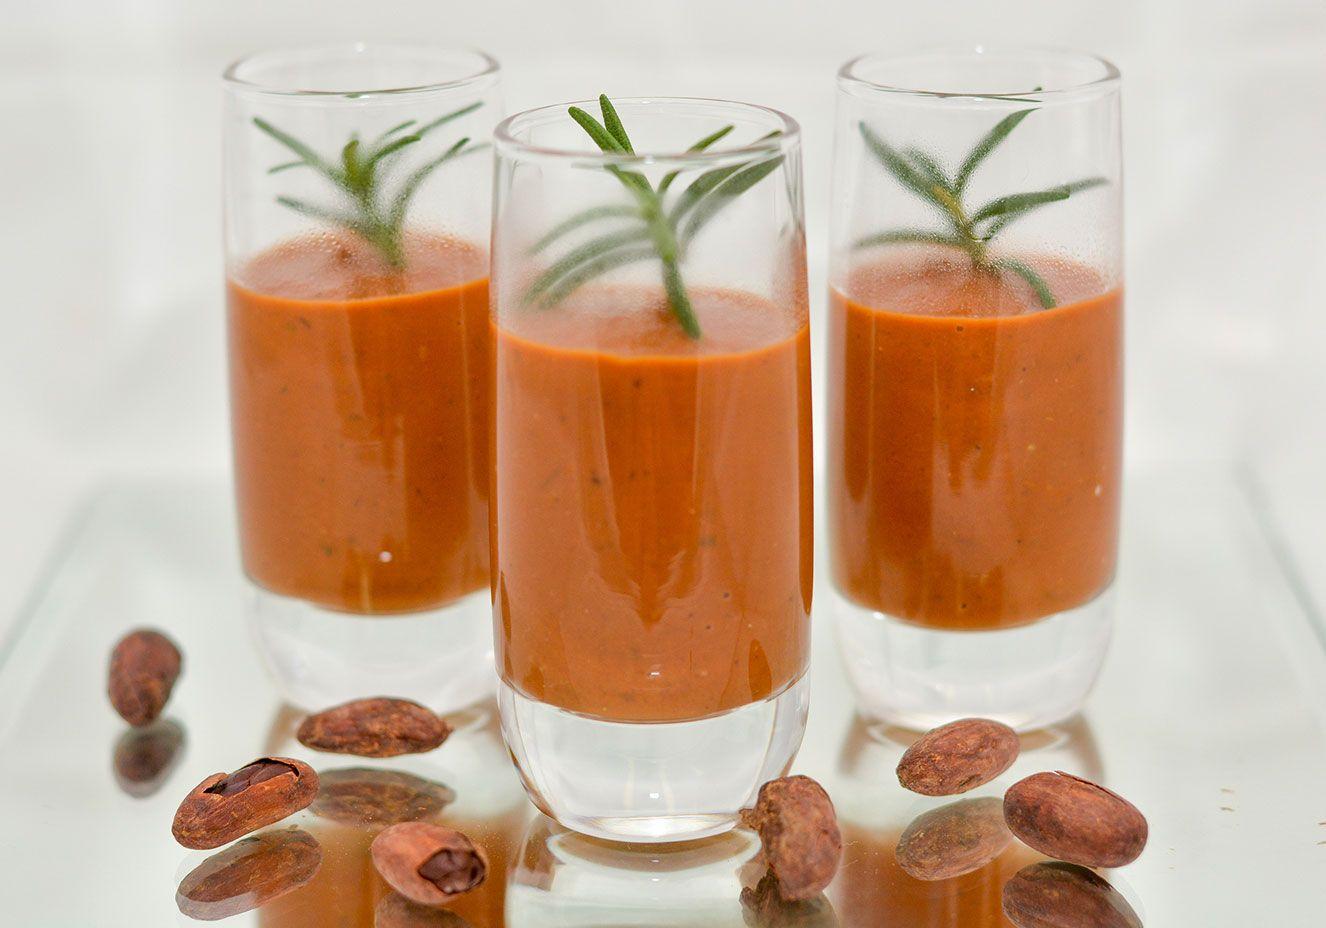 Creme de tomate antioxidante para uma jantar leve e gostoso